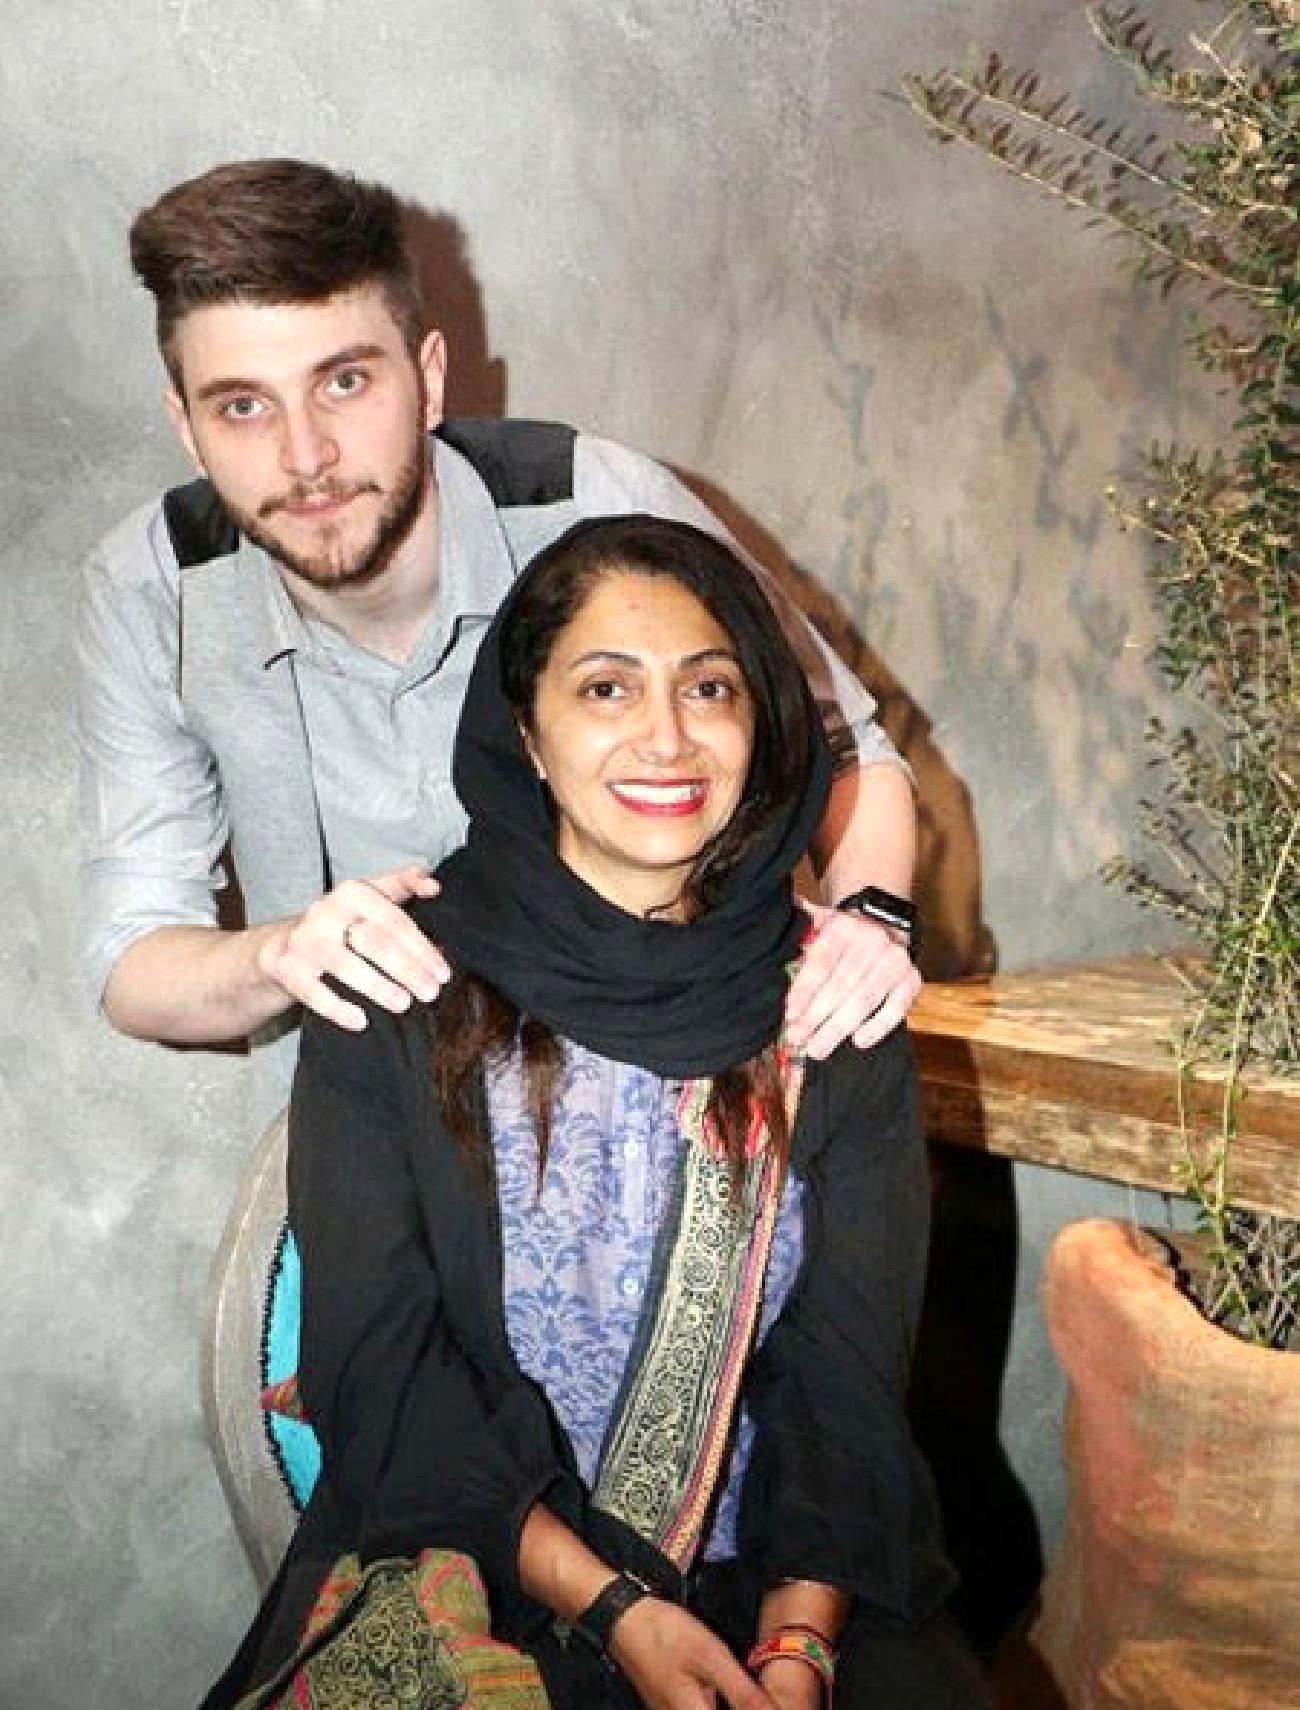 عکس دارا حیایی و همسرش ( عروس امین حیایی ) + بیوگرافی و تصاویر ...